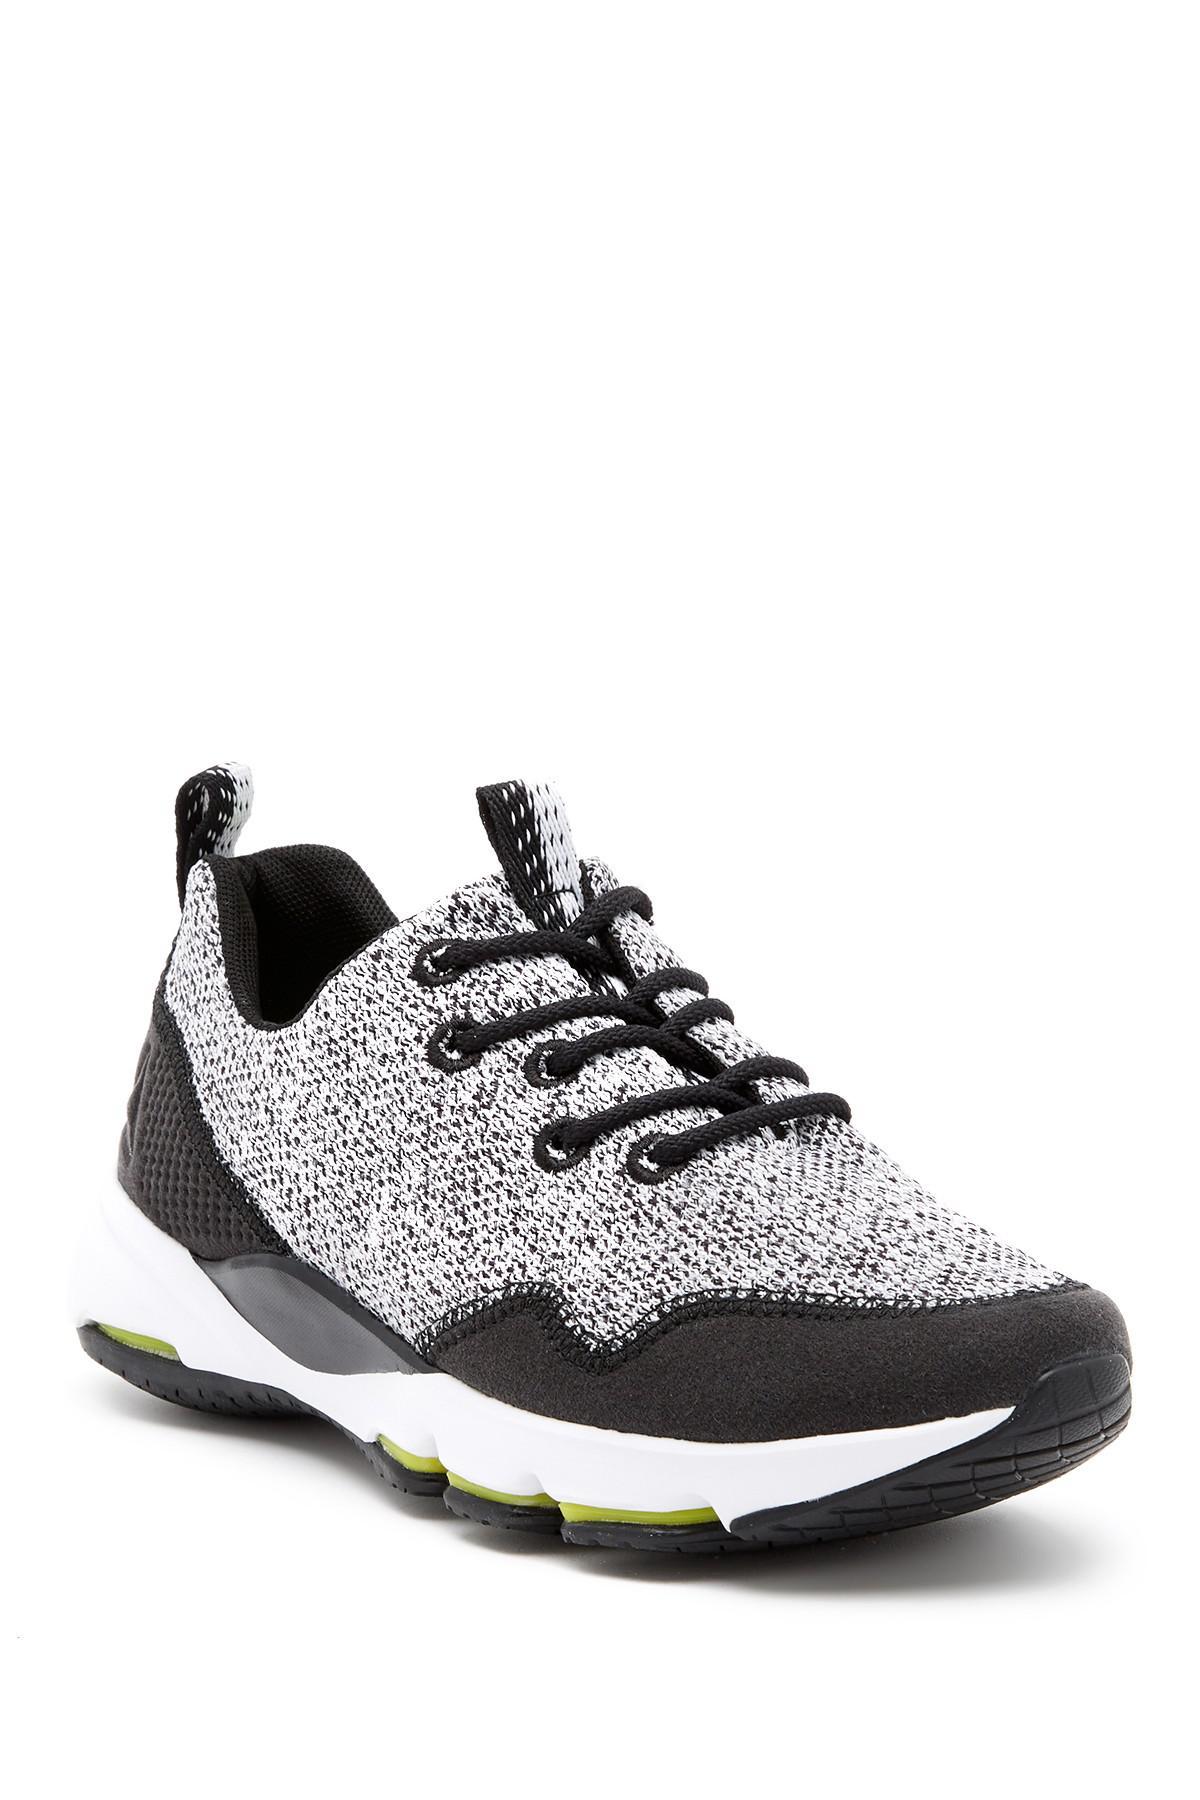 Lyst - Reebok Cloudride Ls Dmx Walking Sneaker in Black 13f01934e